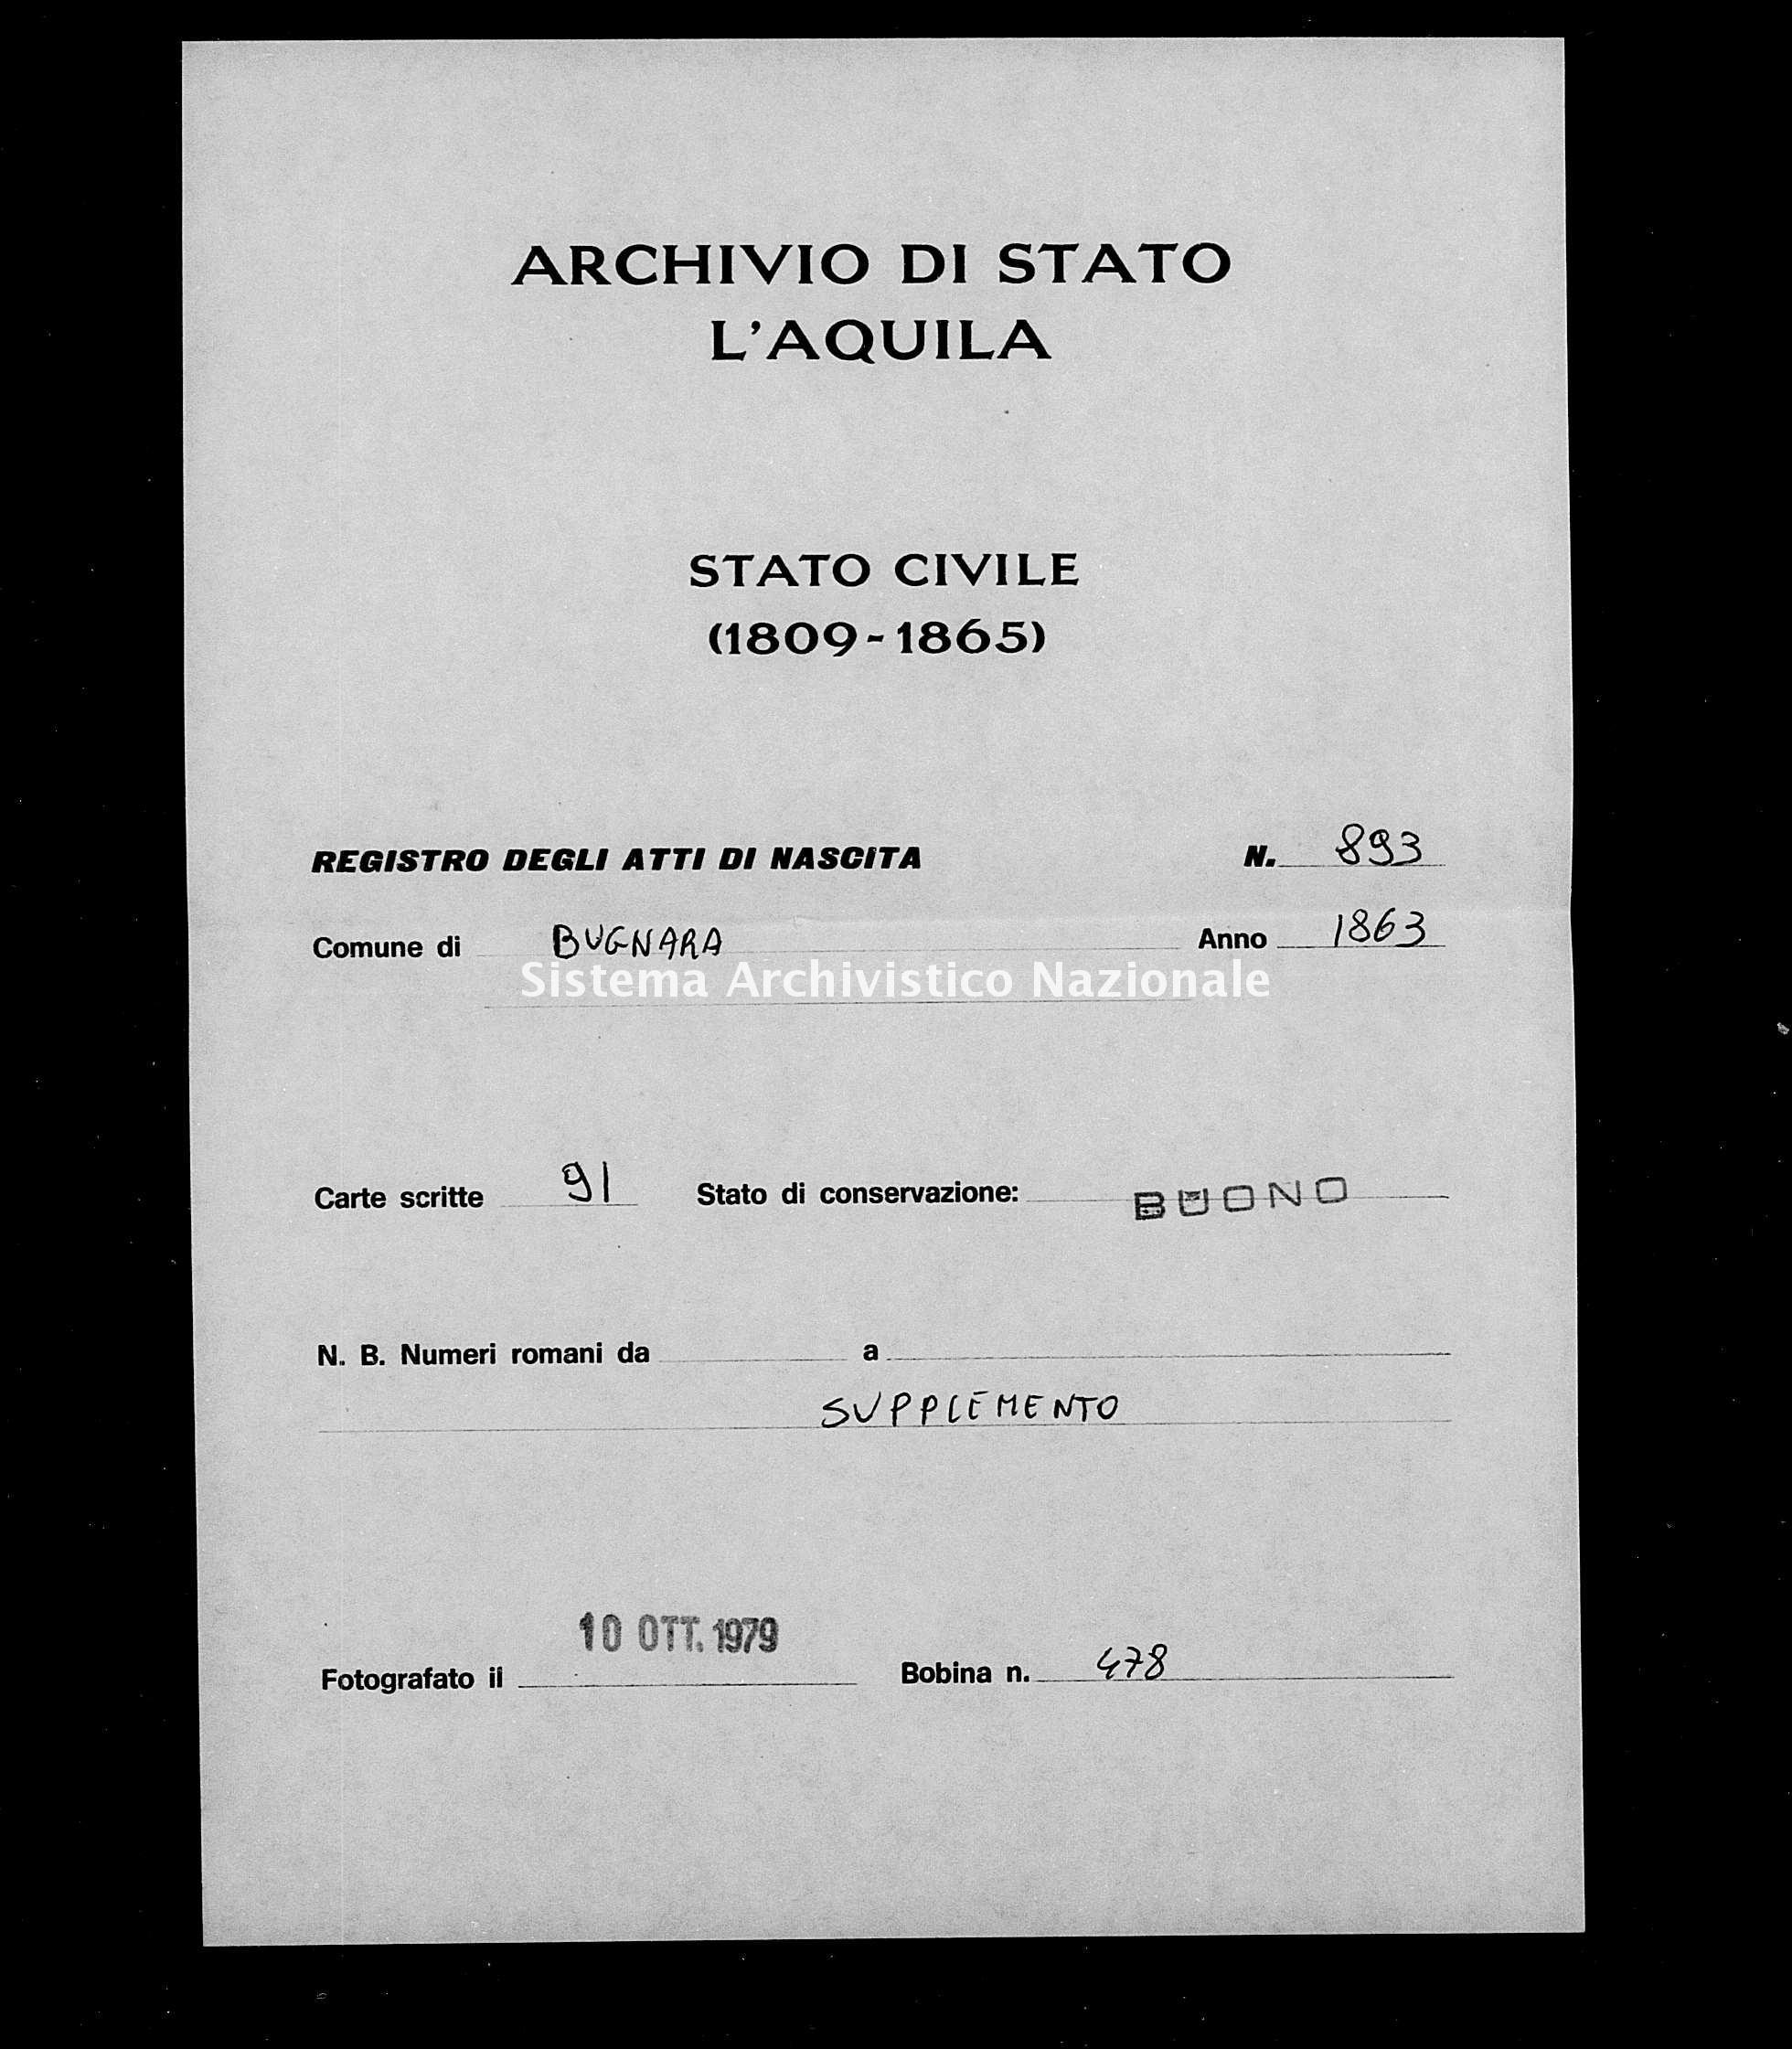 Archivio di stato di L'aquila - Stato civile italiano - Bugnara - Nati, battesimi - 1863 - 893 -